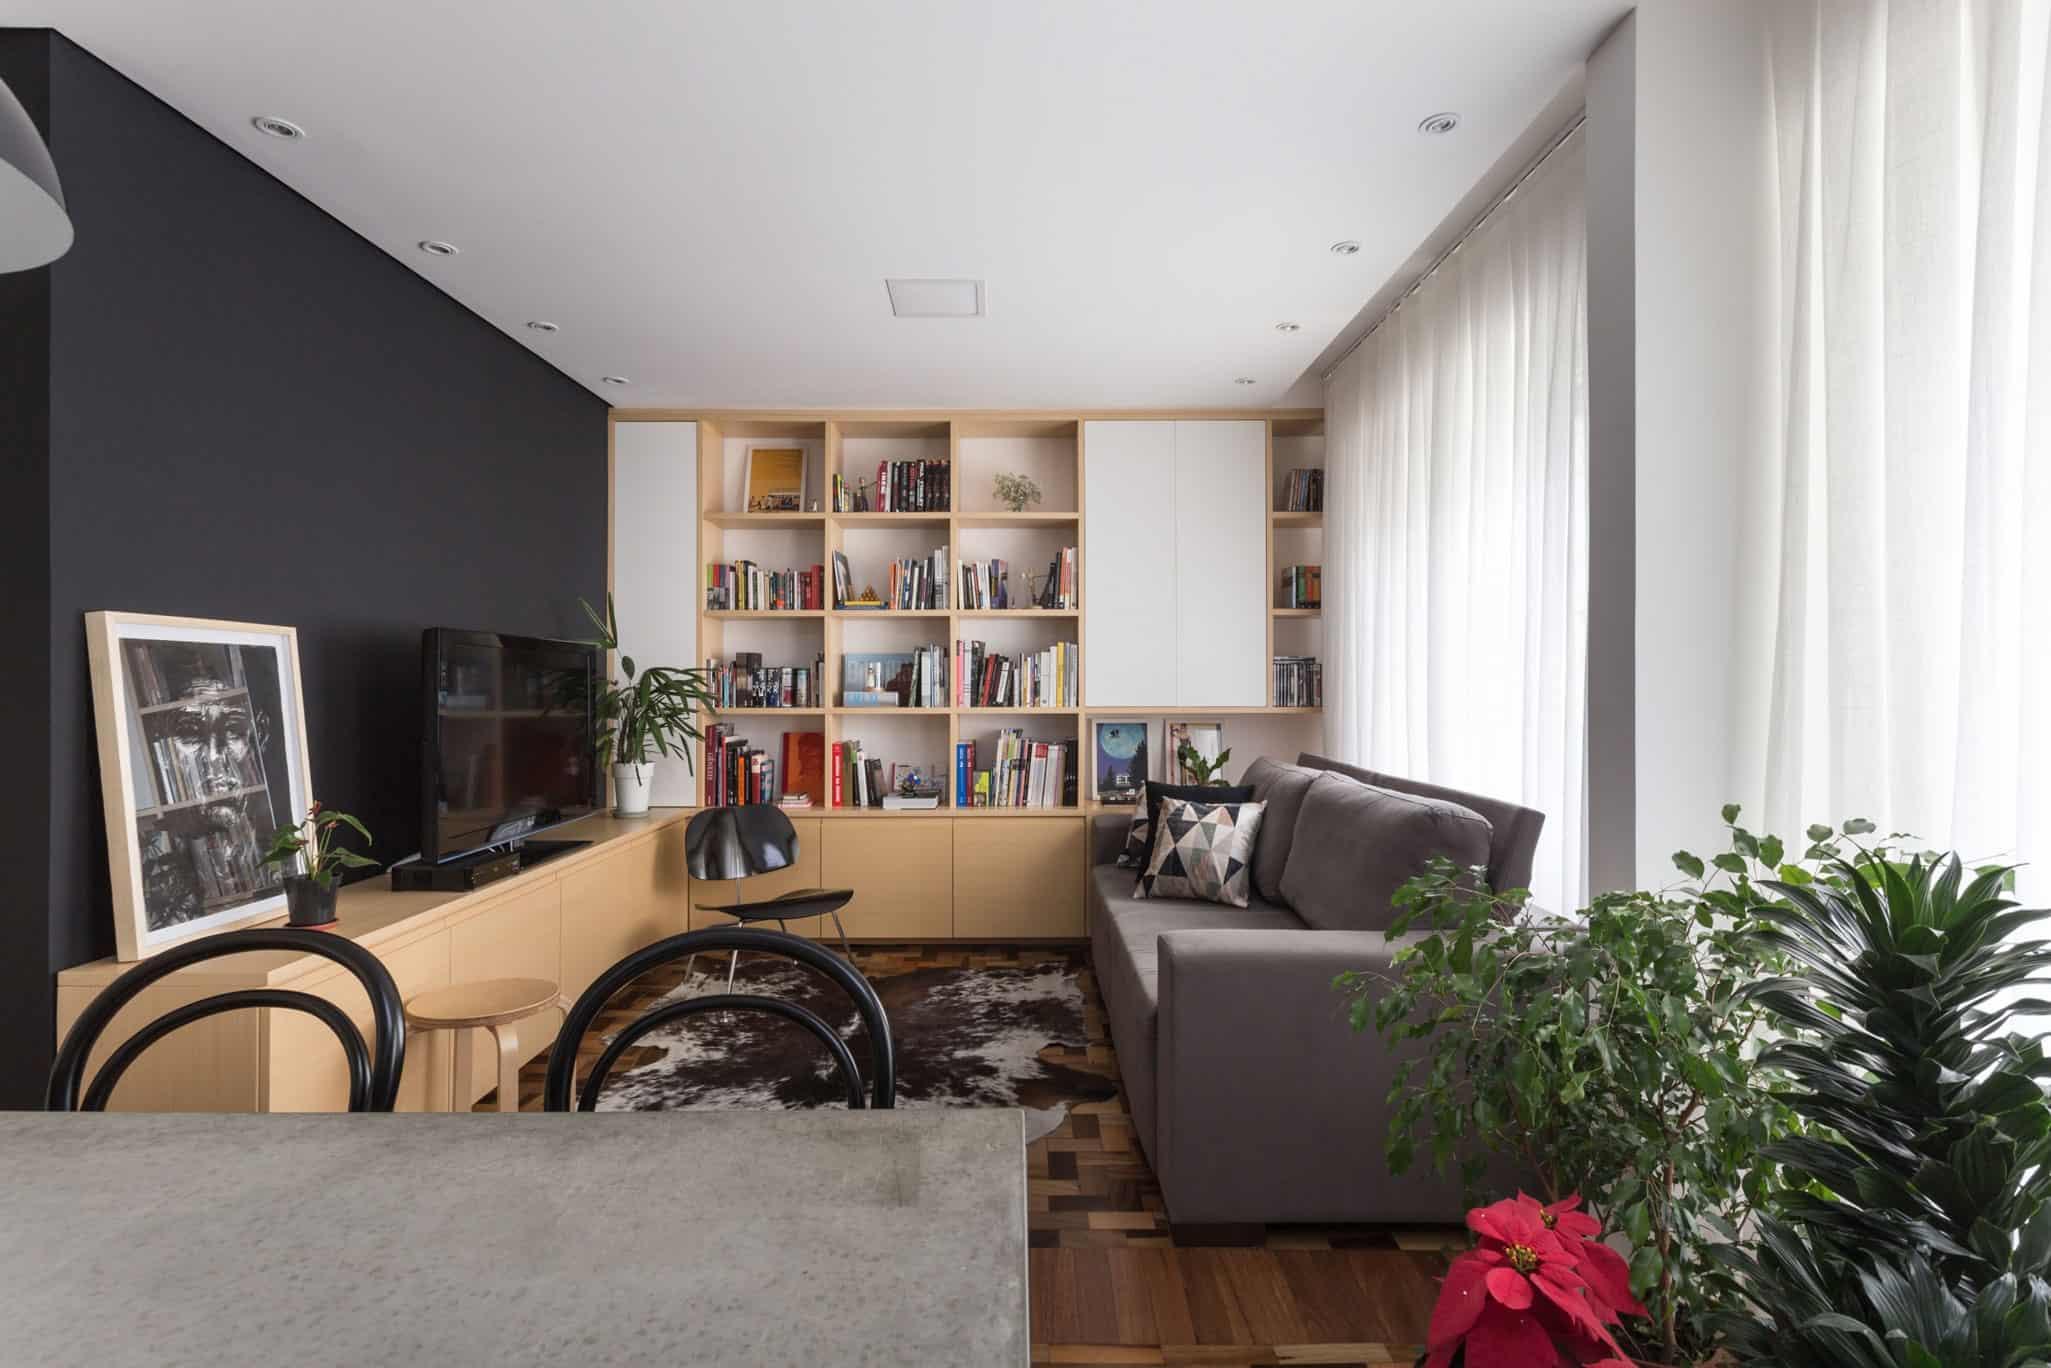 Renata Ramos Designs a Lively Private Residence in Porto Alegre, Brazil